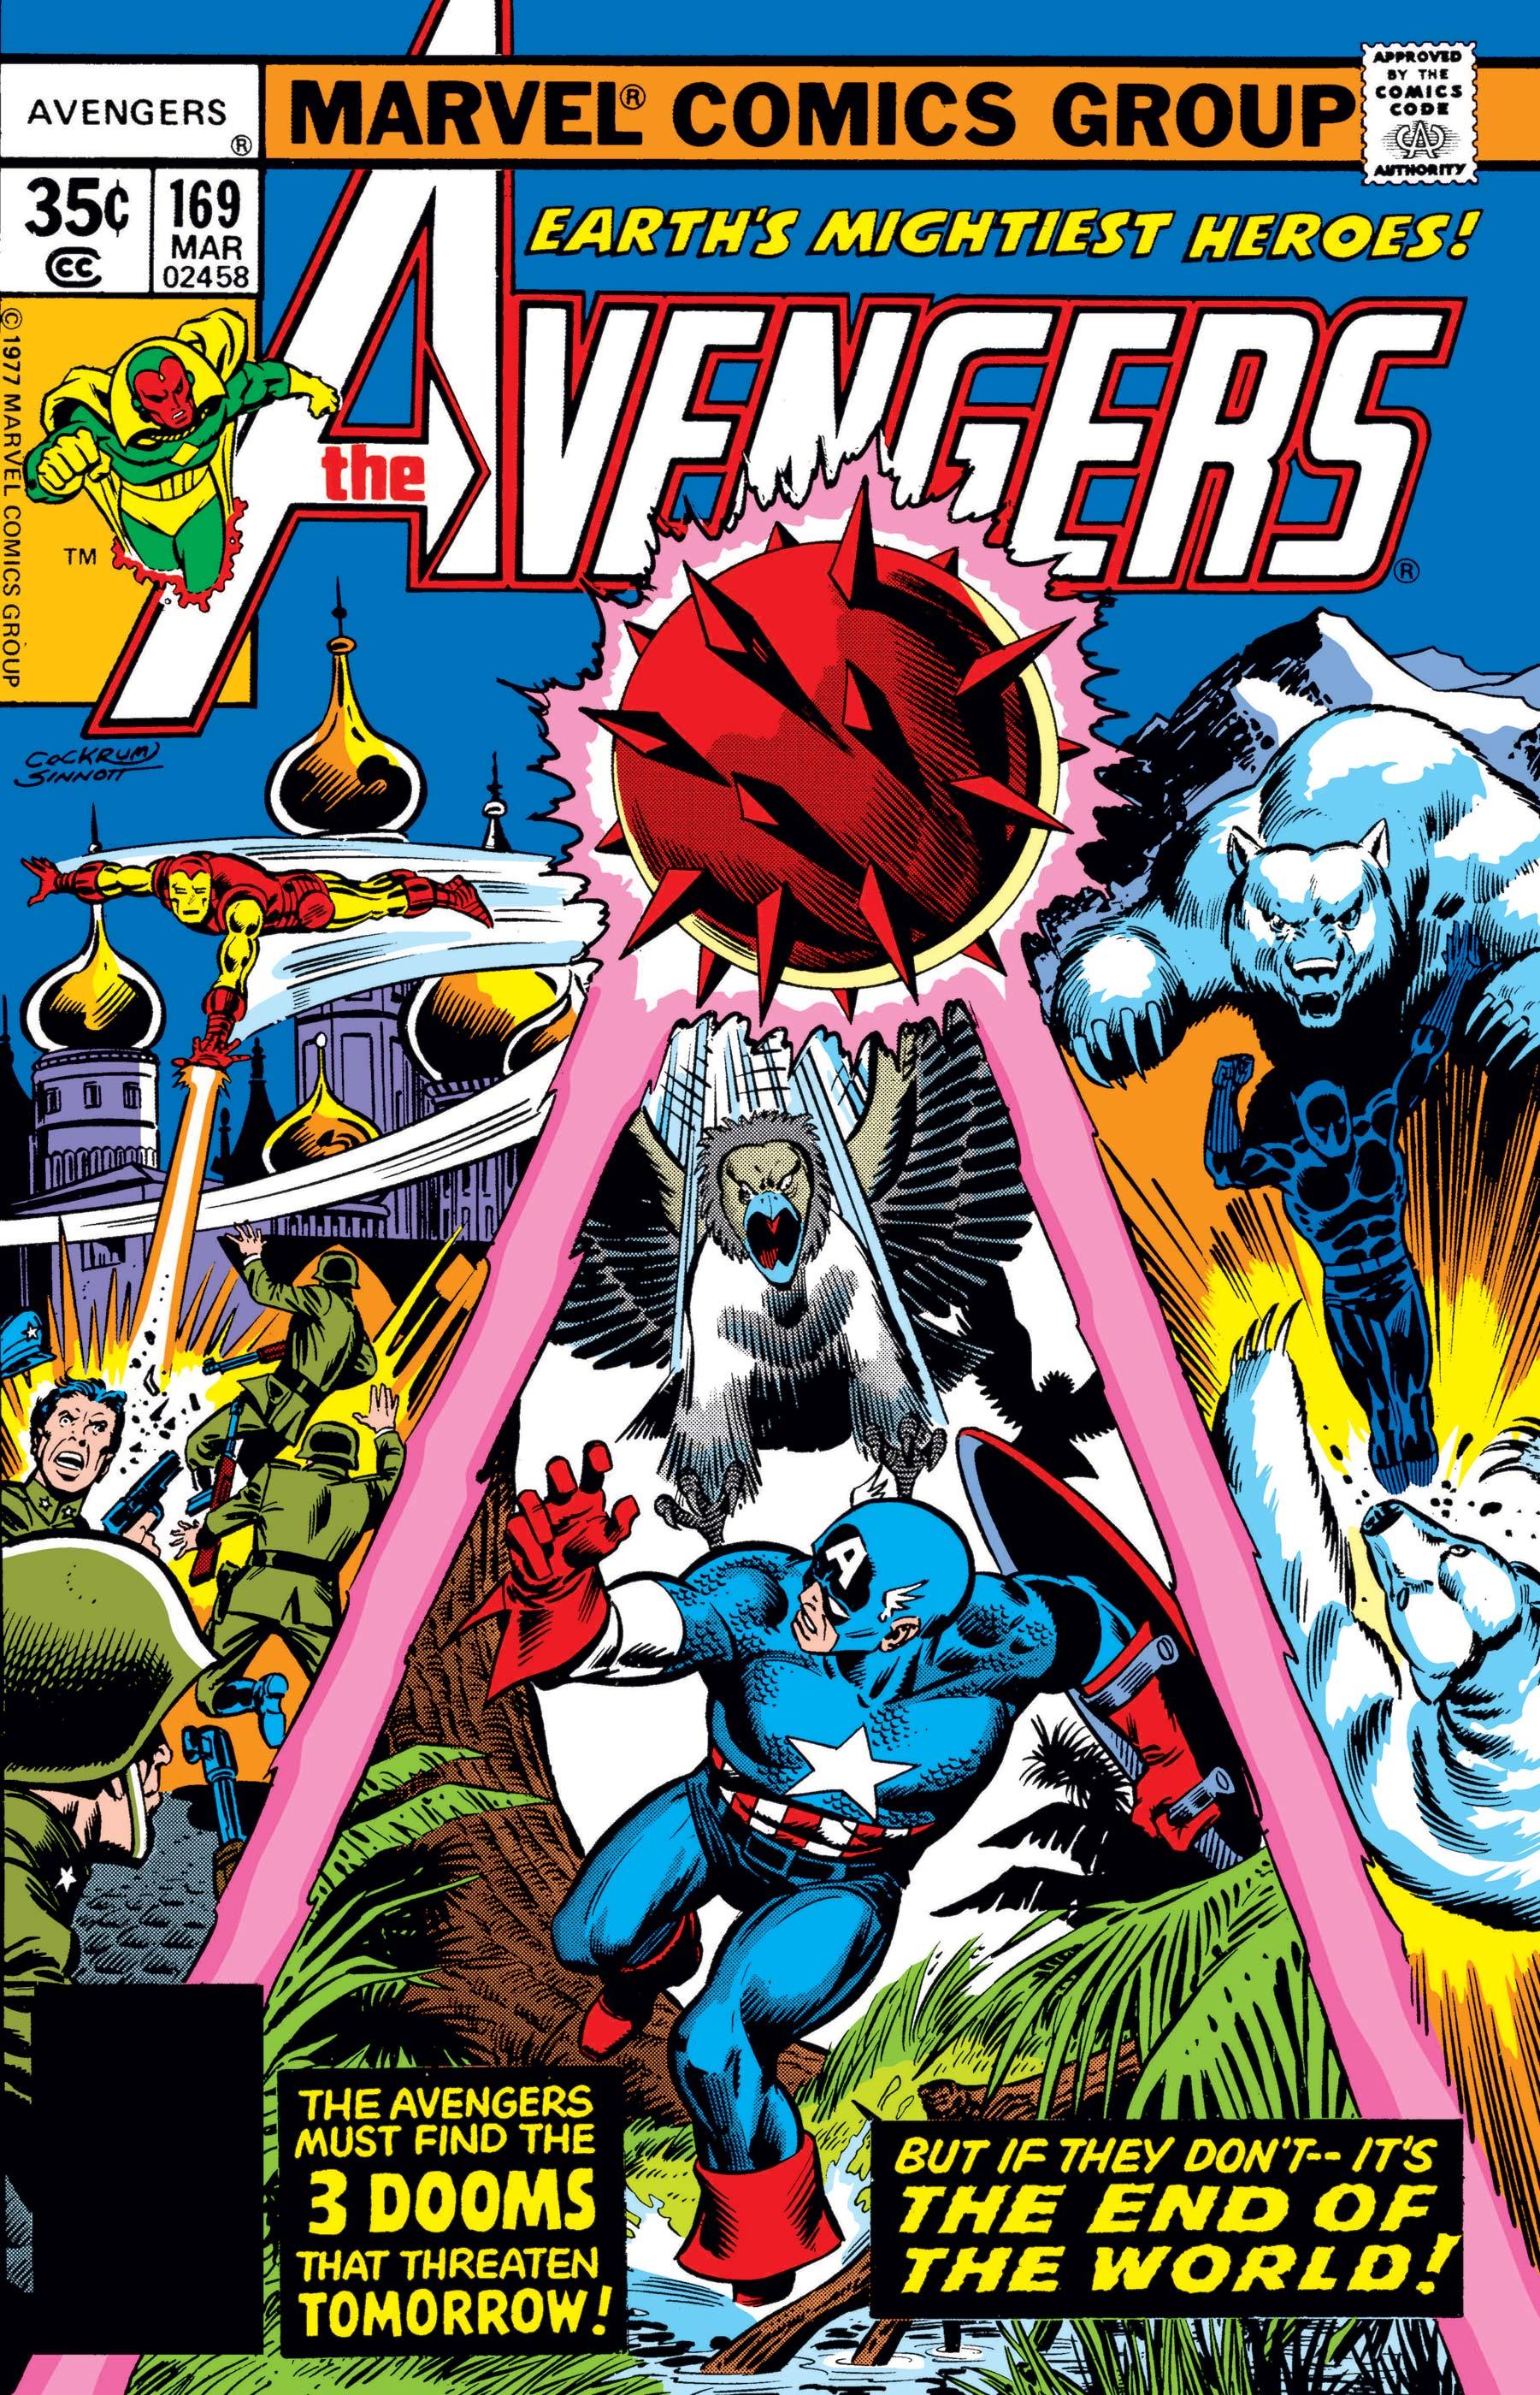 Avengers (1963) #169